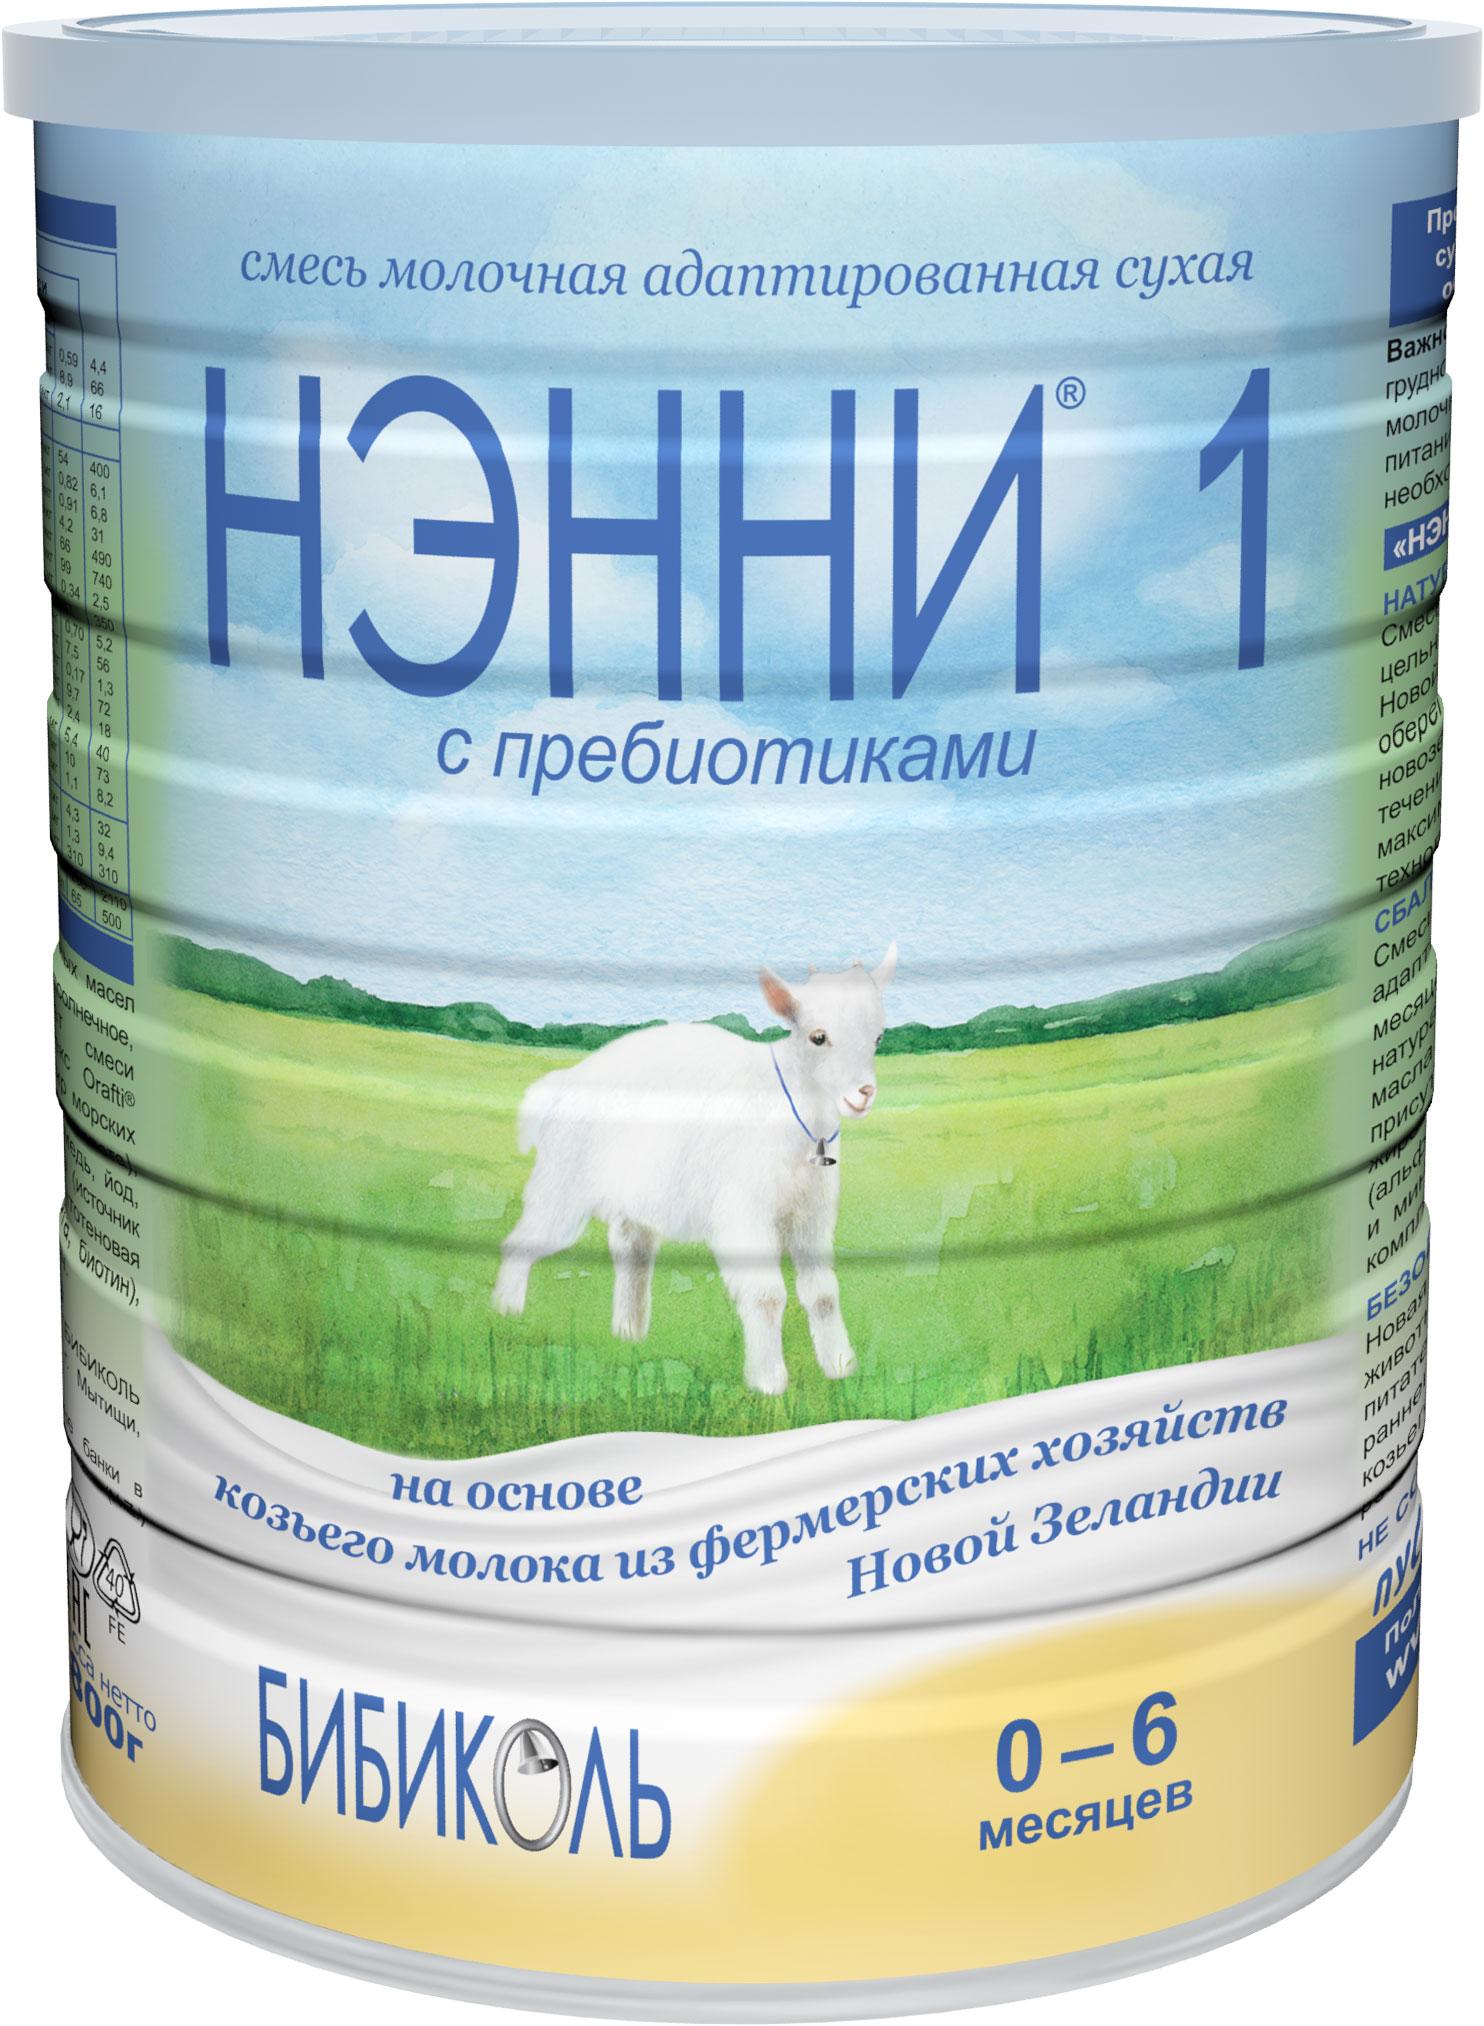 Молочные смеси Бибиколь БИБИКОЛЬ Нэнни 1 с пребиотиками (с 0 до 6 месяцев) 800 г нэнни молочная смесь нэнни 2 с пребиотиками с 6 мес